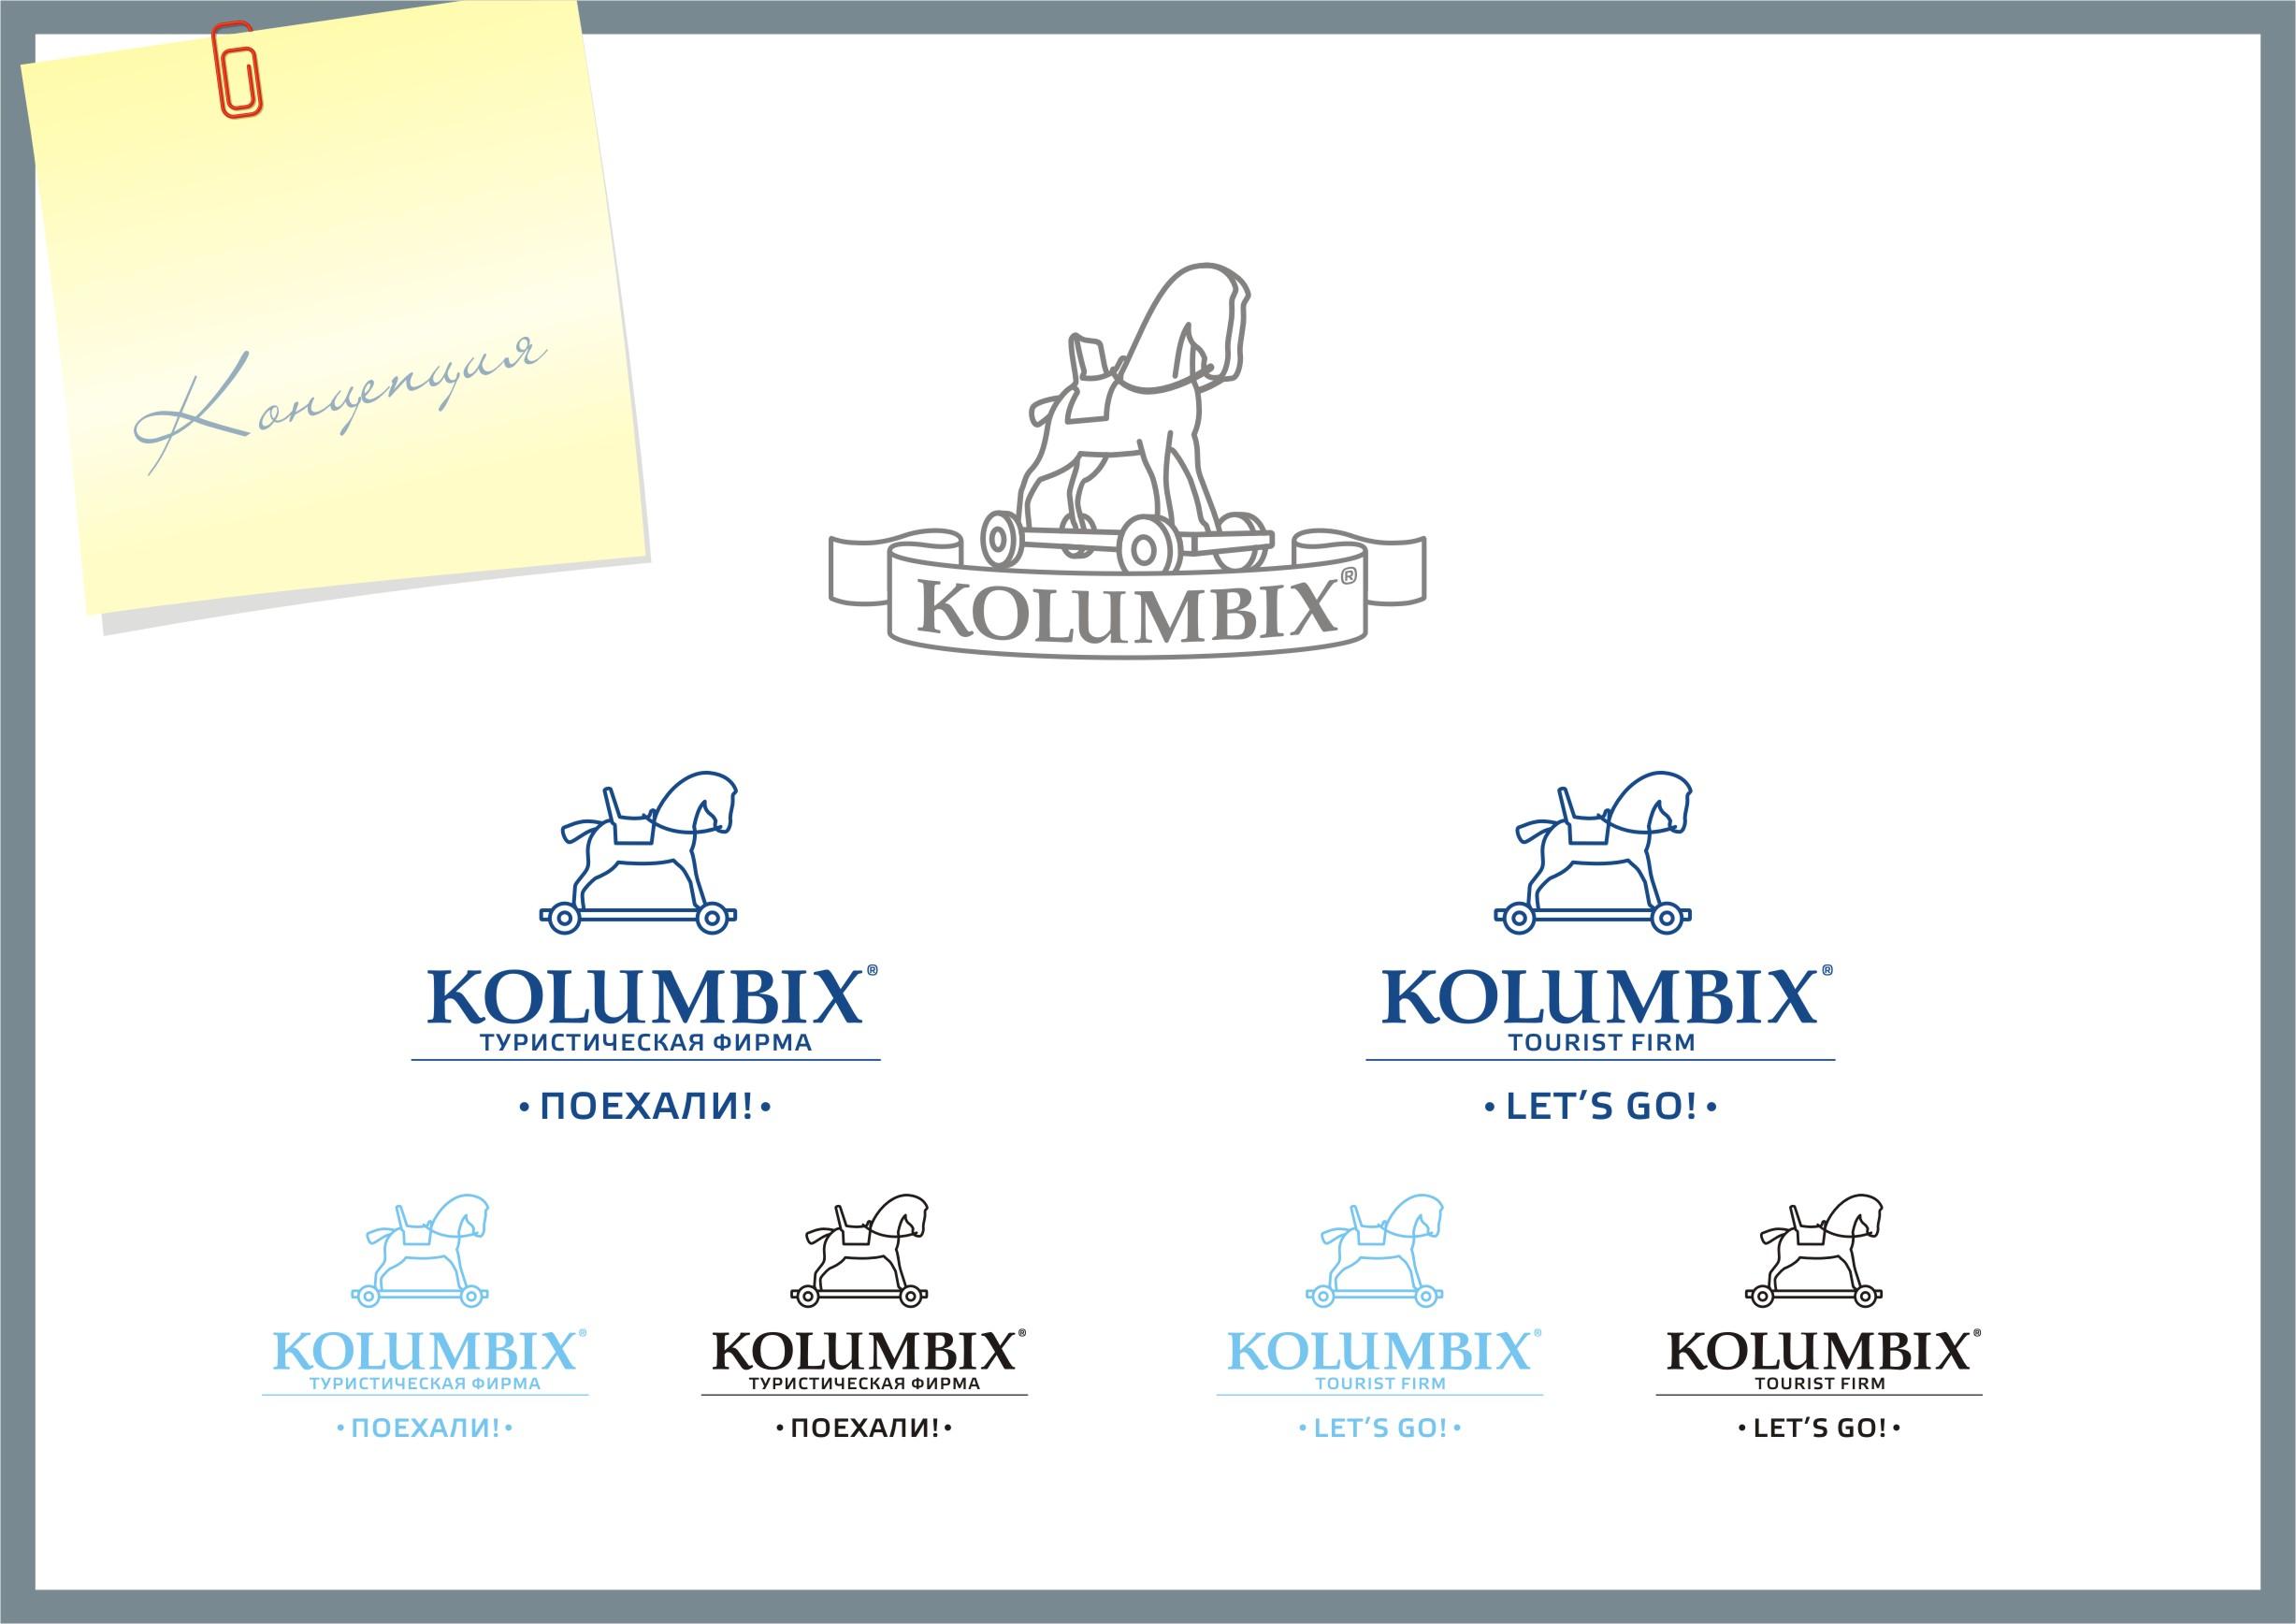 Создание логотипа для туристической фирмы Kolumbix фото f_4fba10aa680a8.jpg